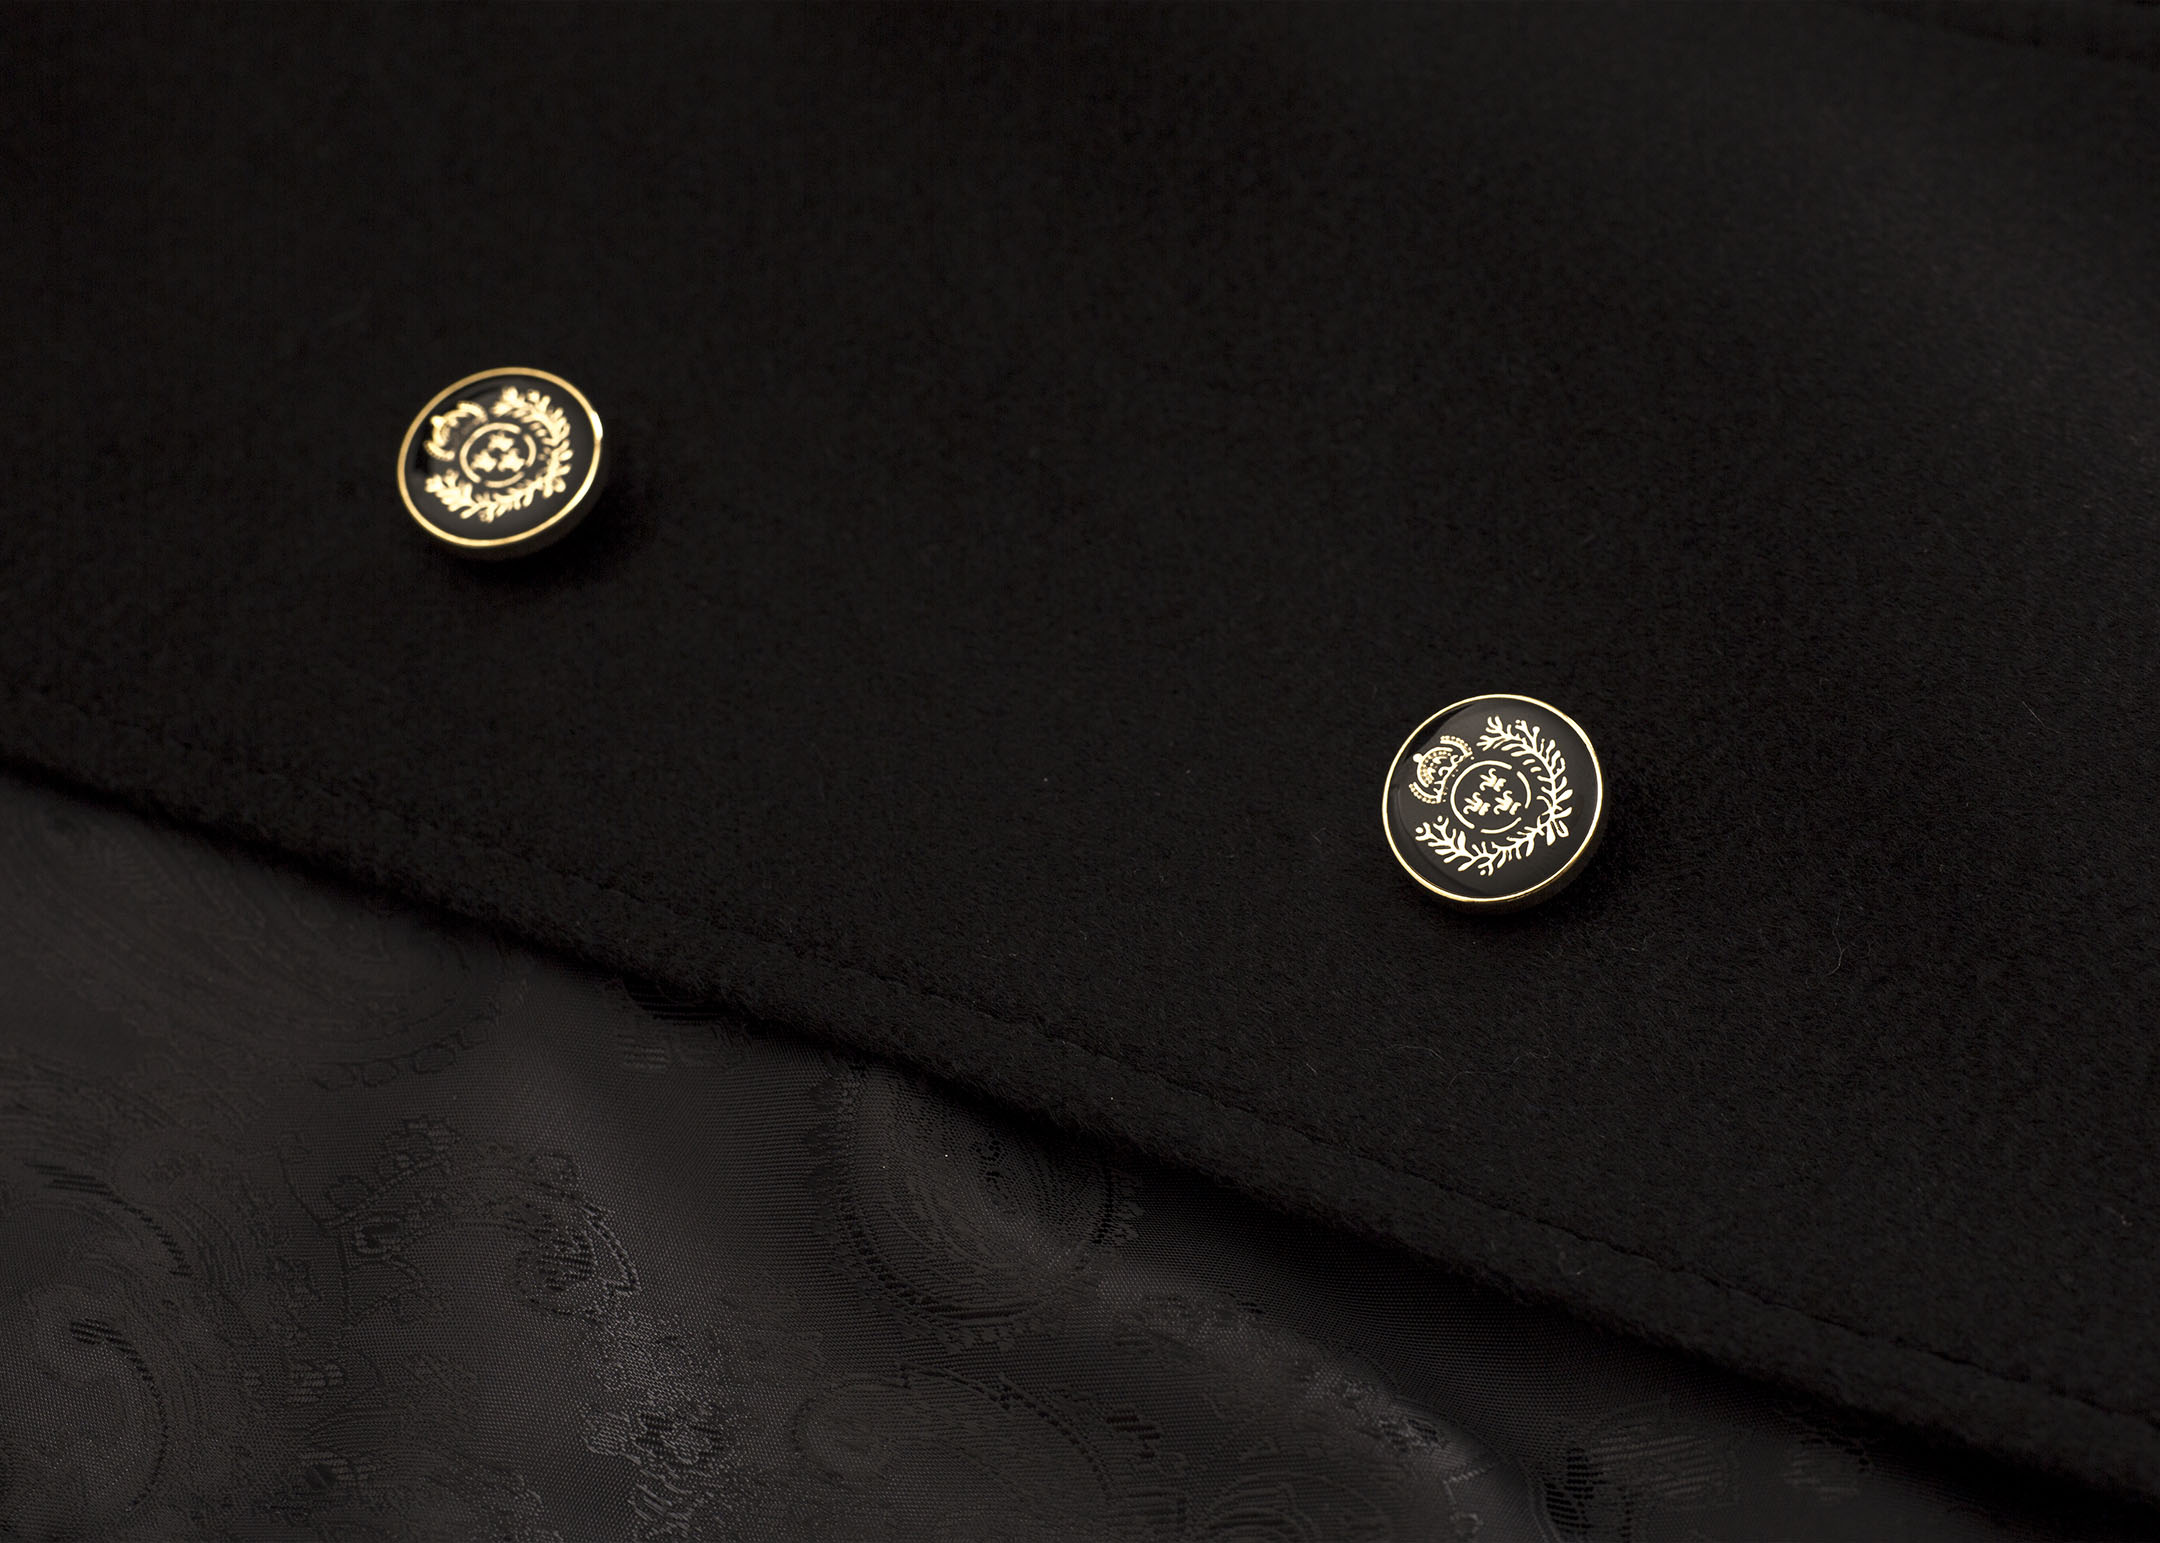 Meldes De Luxe – Manteau 100% cachemire cintré col tailleur - Noir – Réf: 375-2-01